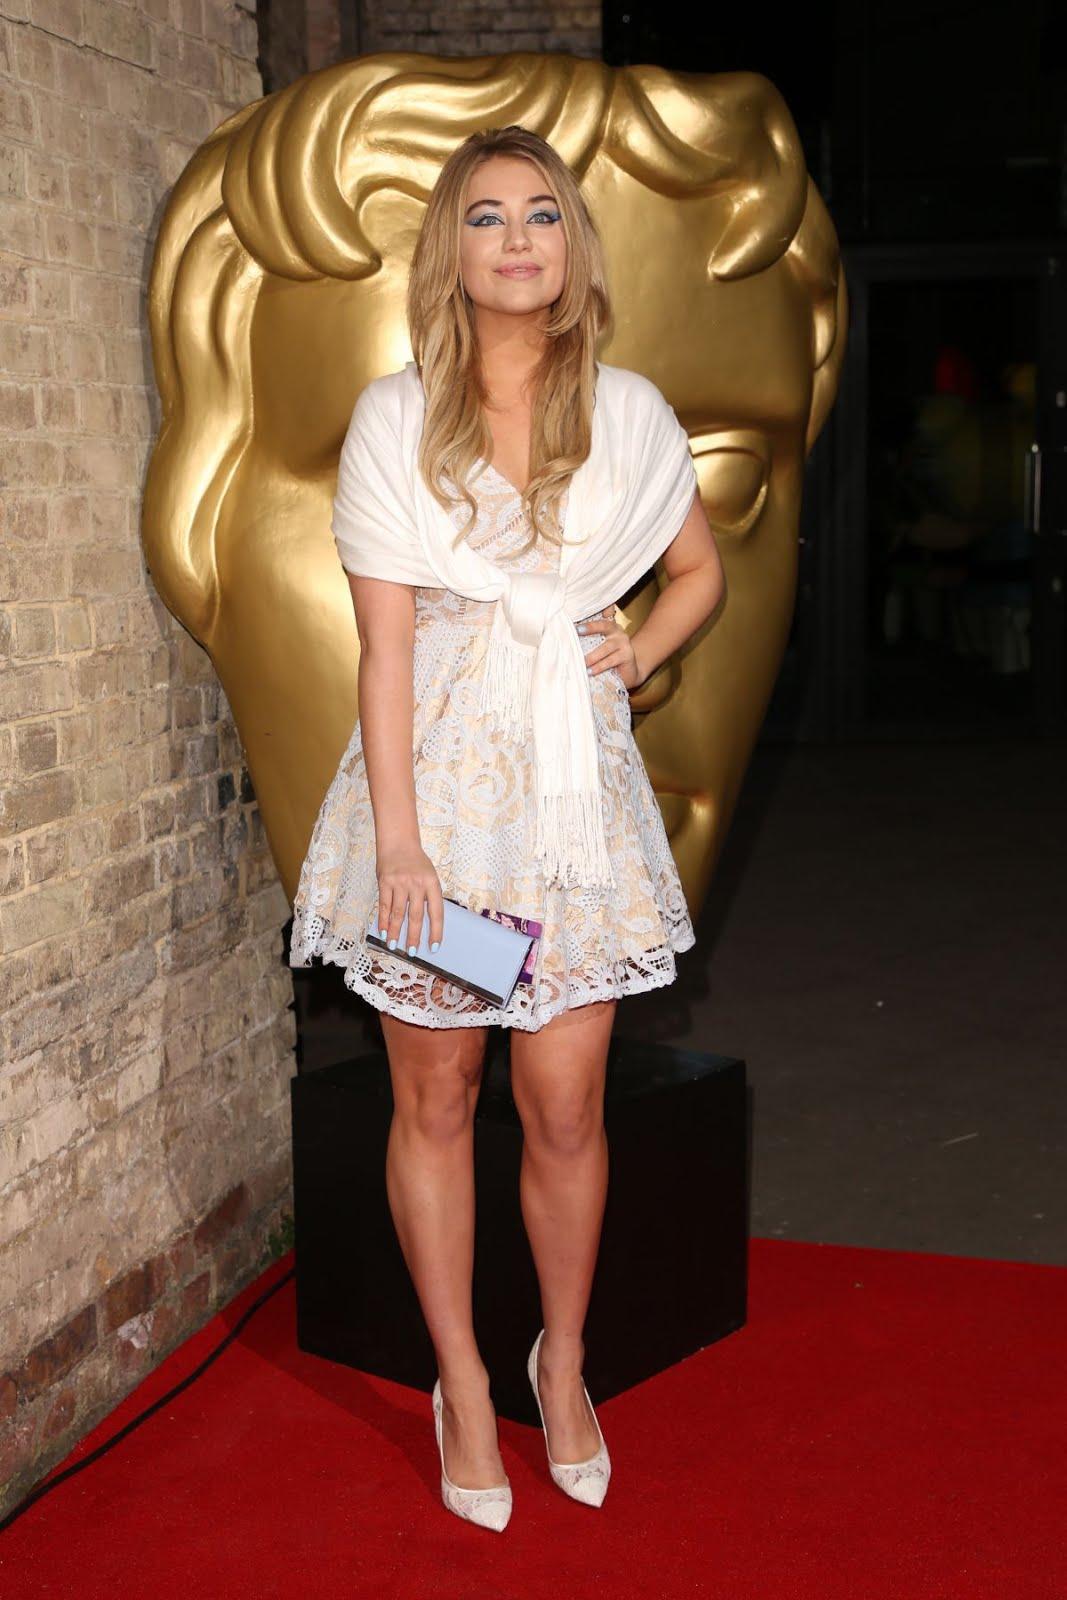 Georgia Lock at BAFTA Children's Awards 2017 in London